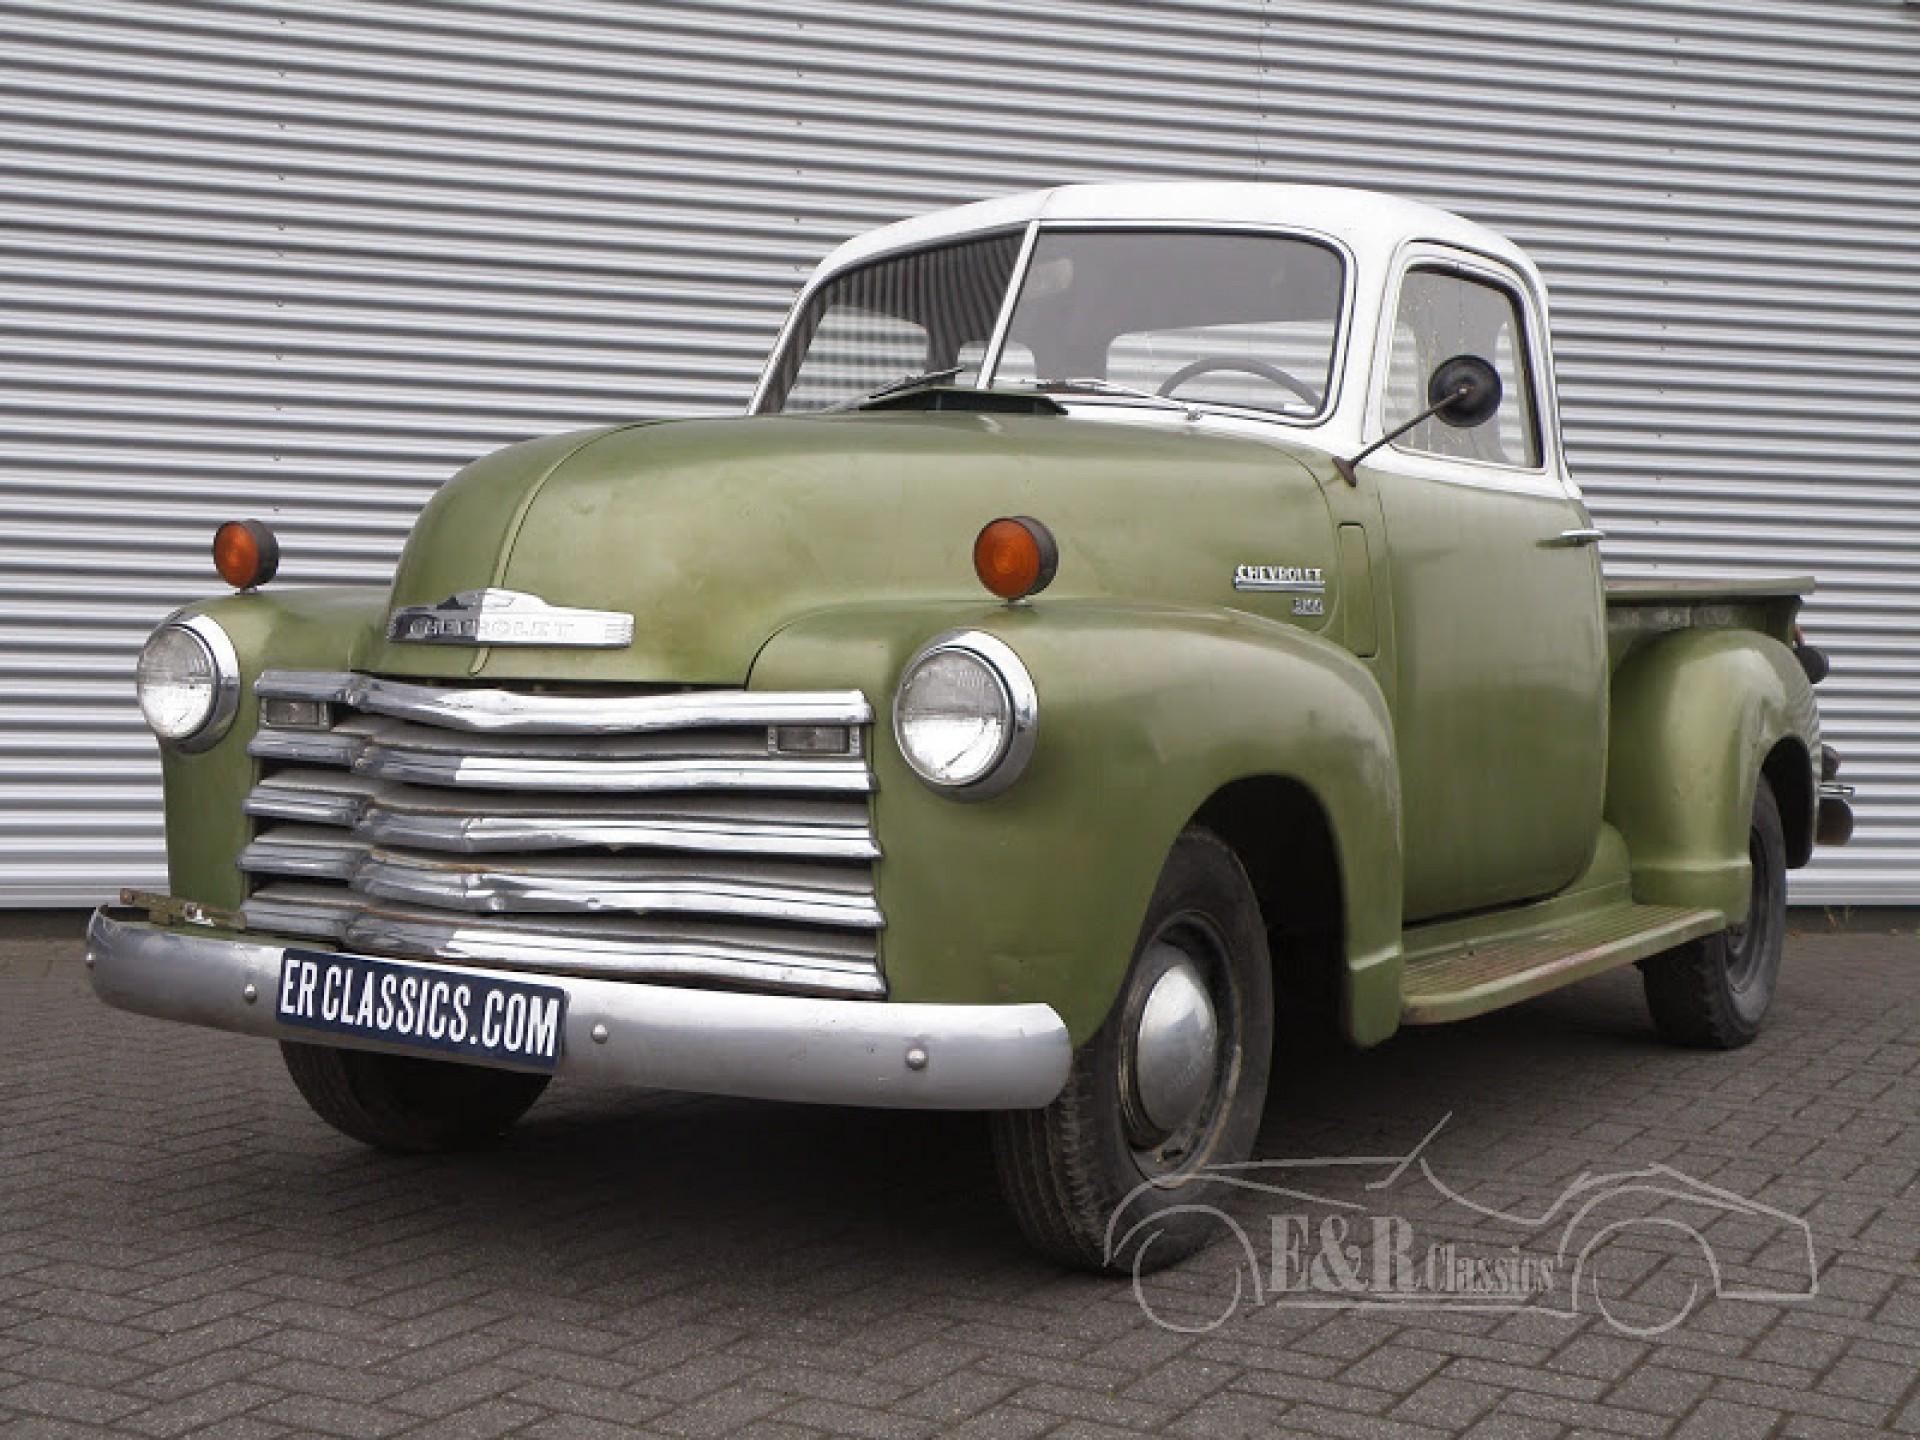 Chevrolet Oldtimer Siehe Das Angebot An Oldtimern Von 1949 Chevy Pickup 5 Window 3100